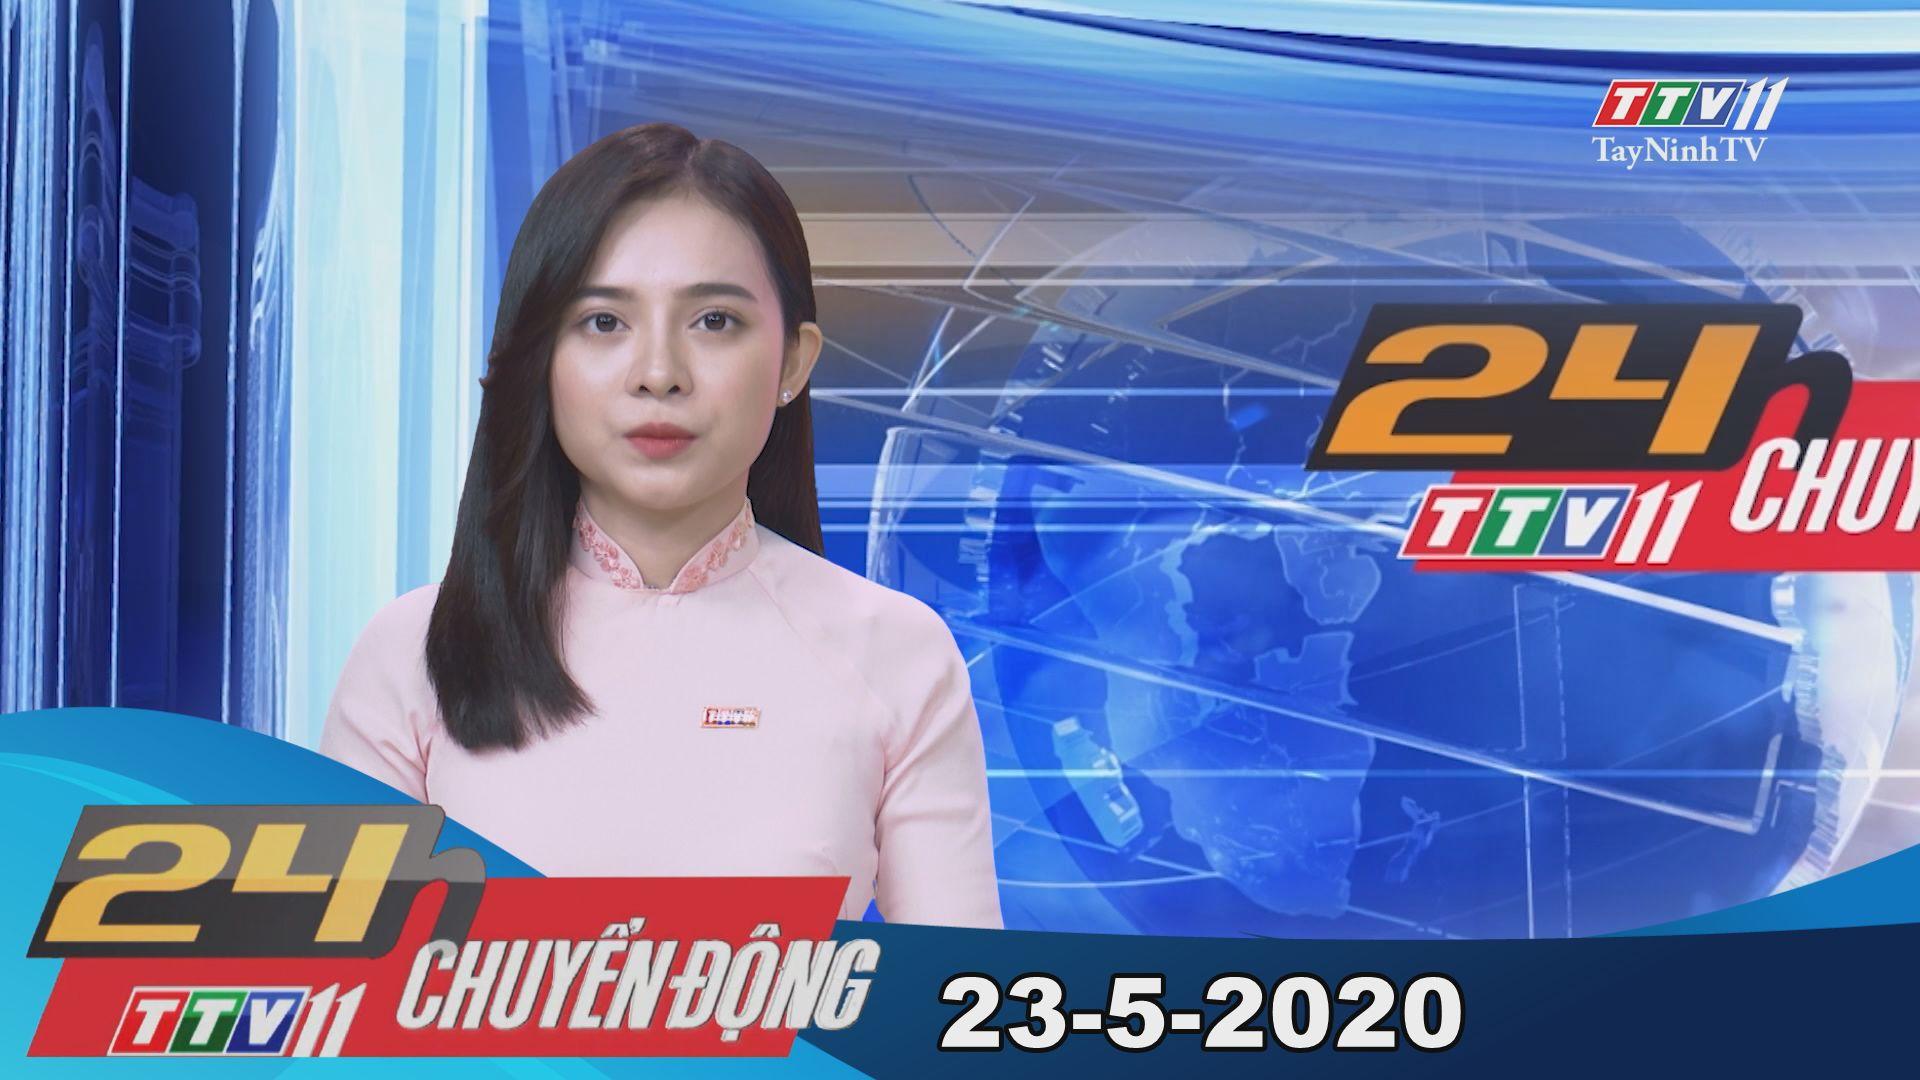 24h Chuyển động 23-5-2020 | Tin tức hôm nay | TayNinhTV